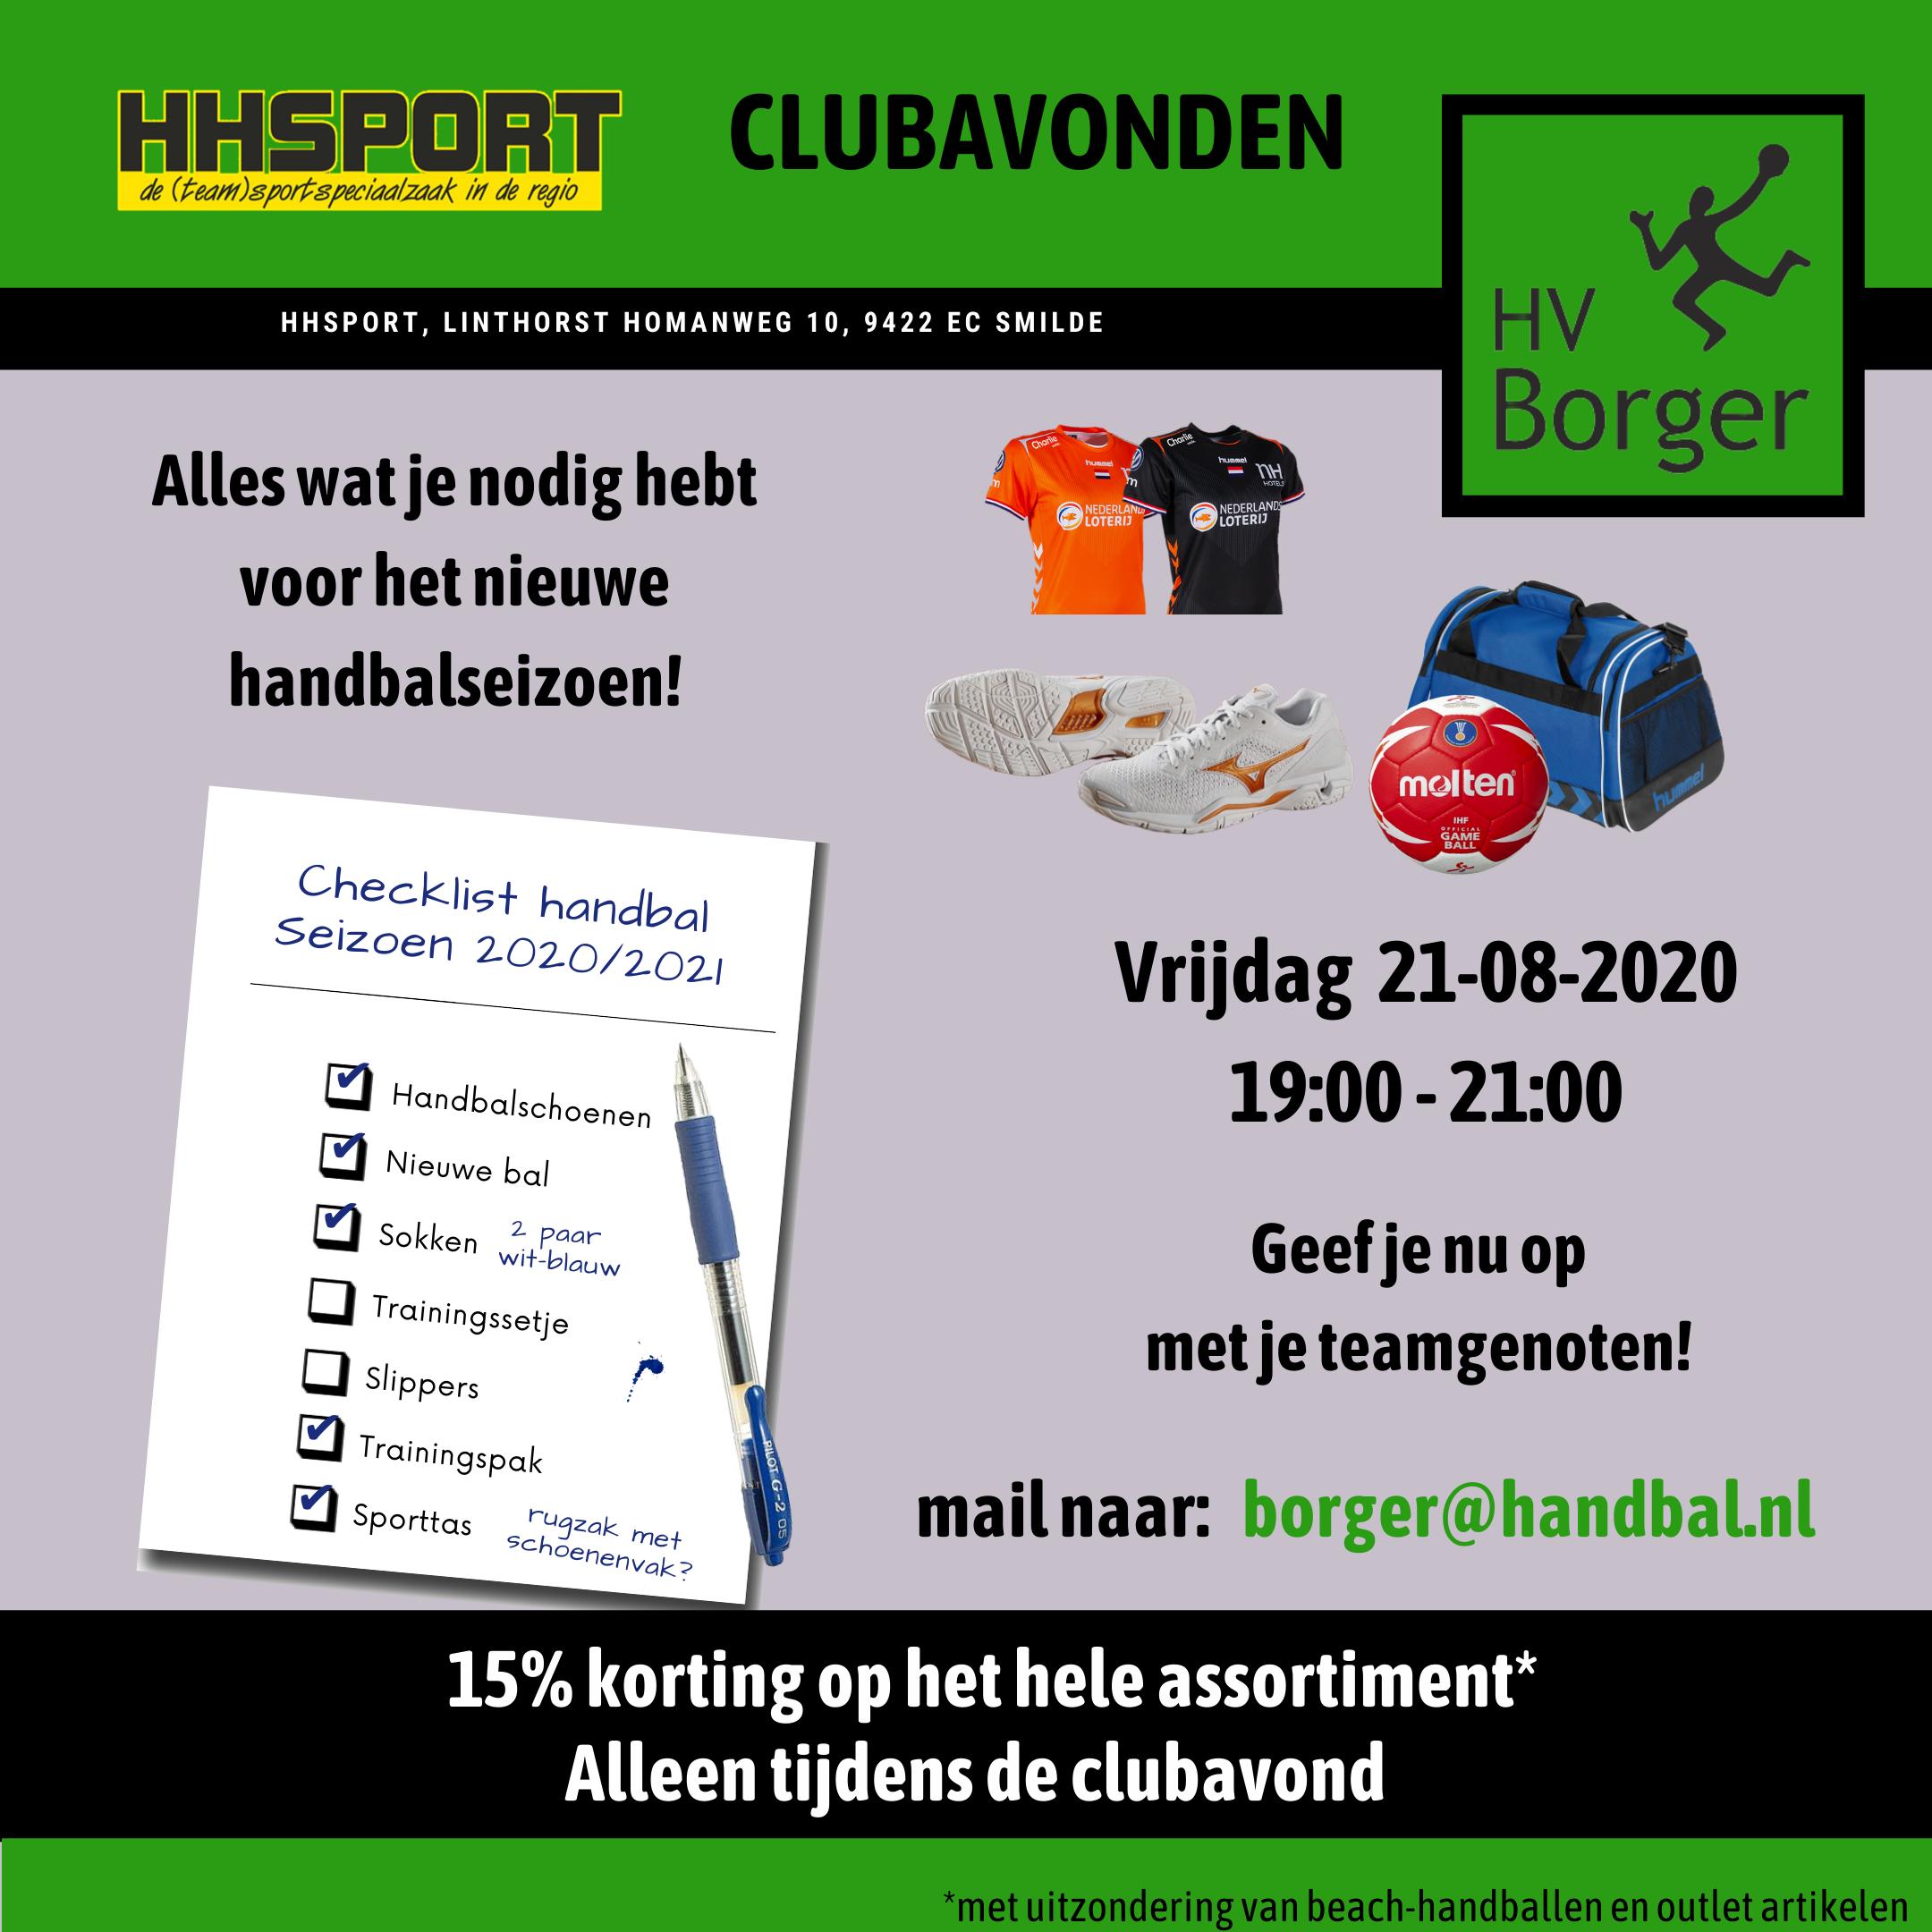 Clubavond HHSPORT